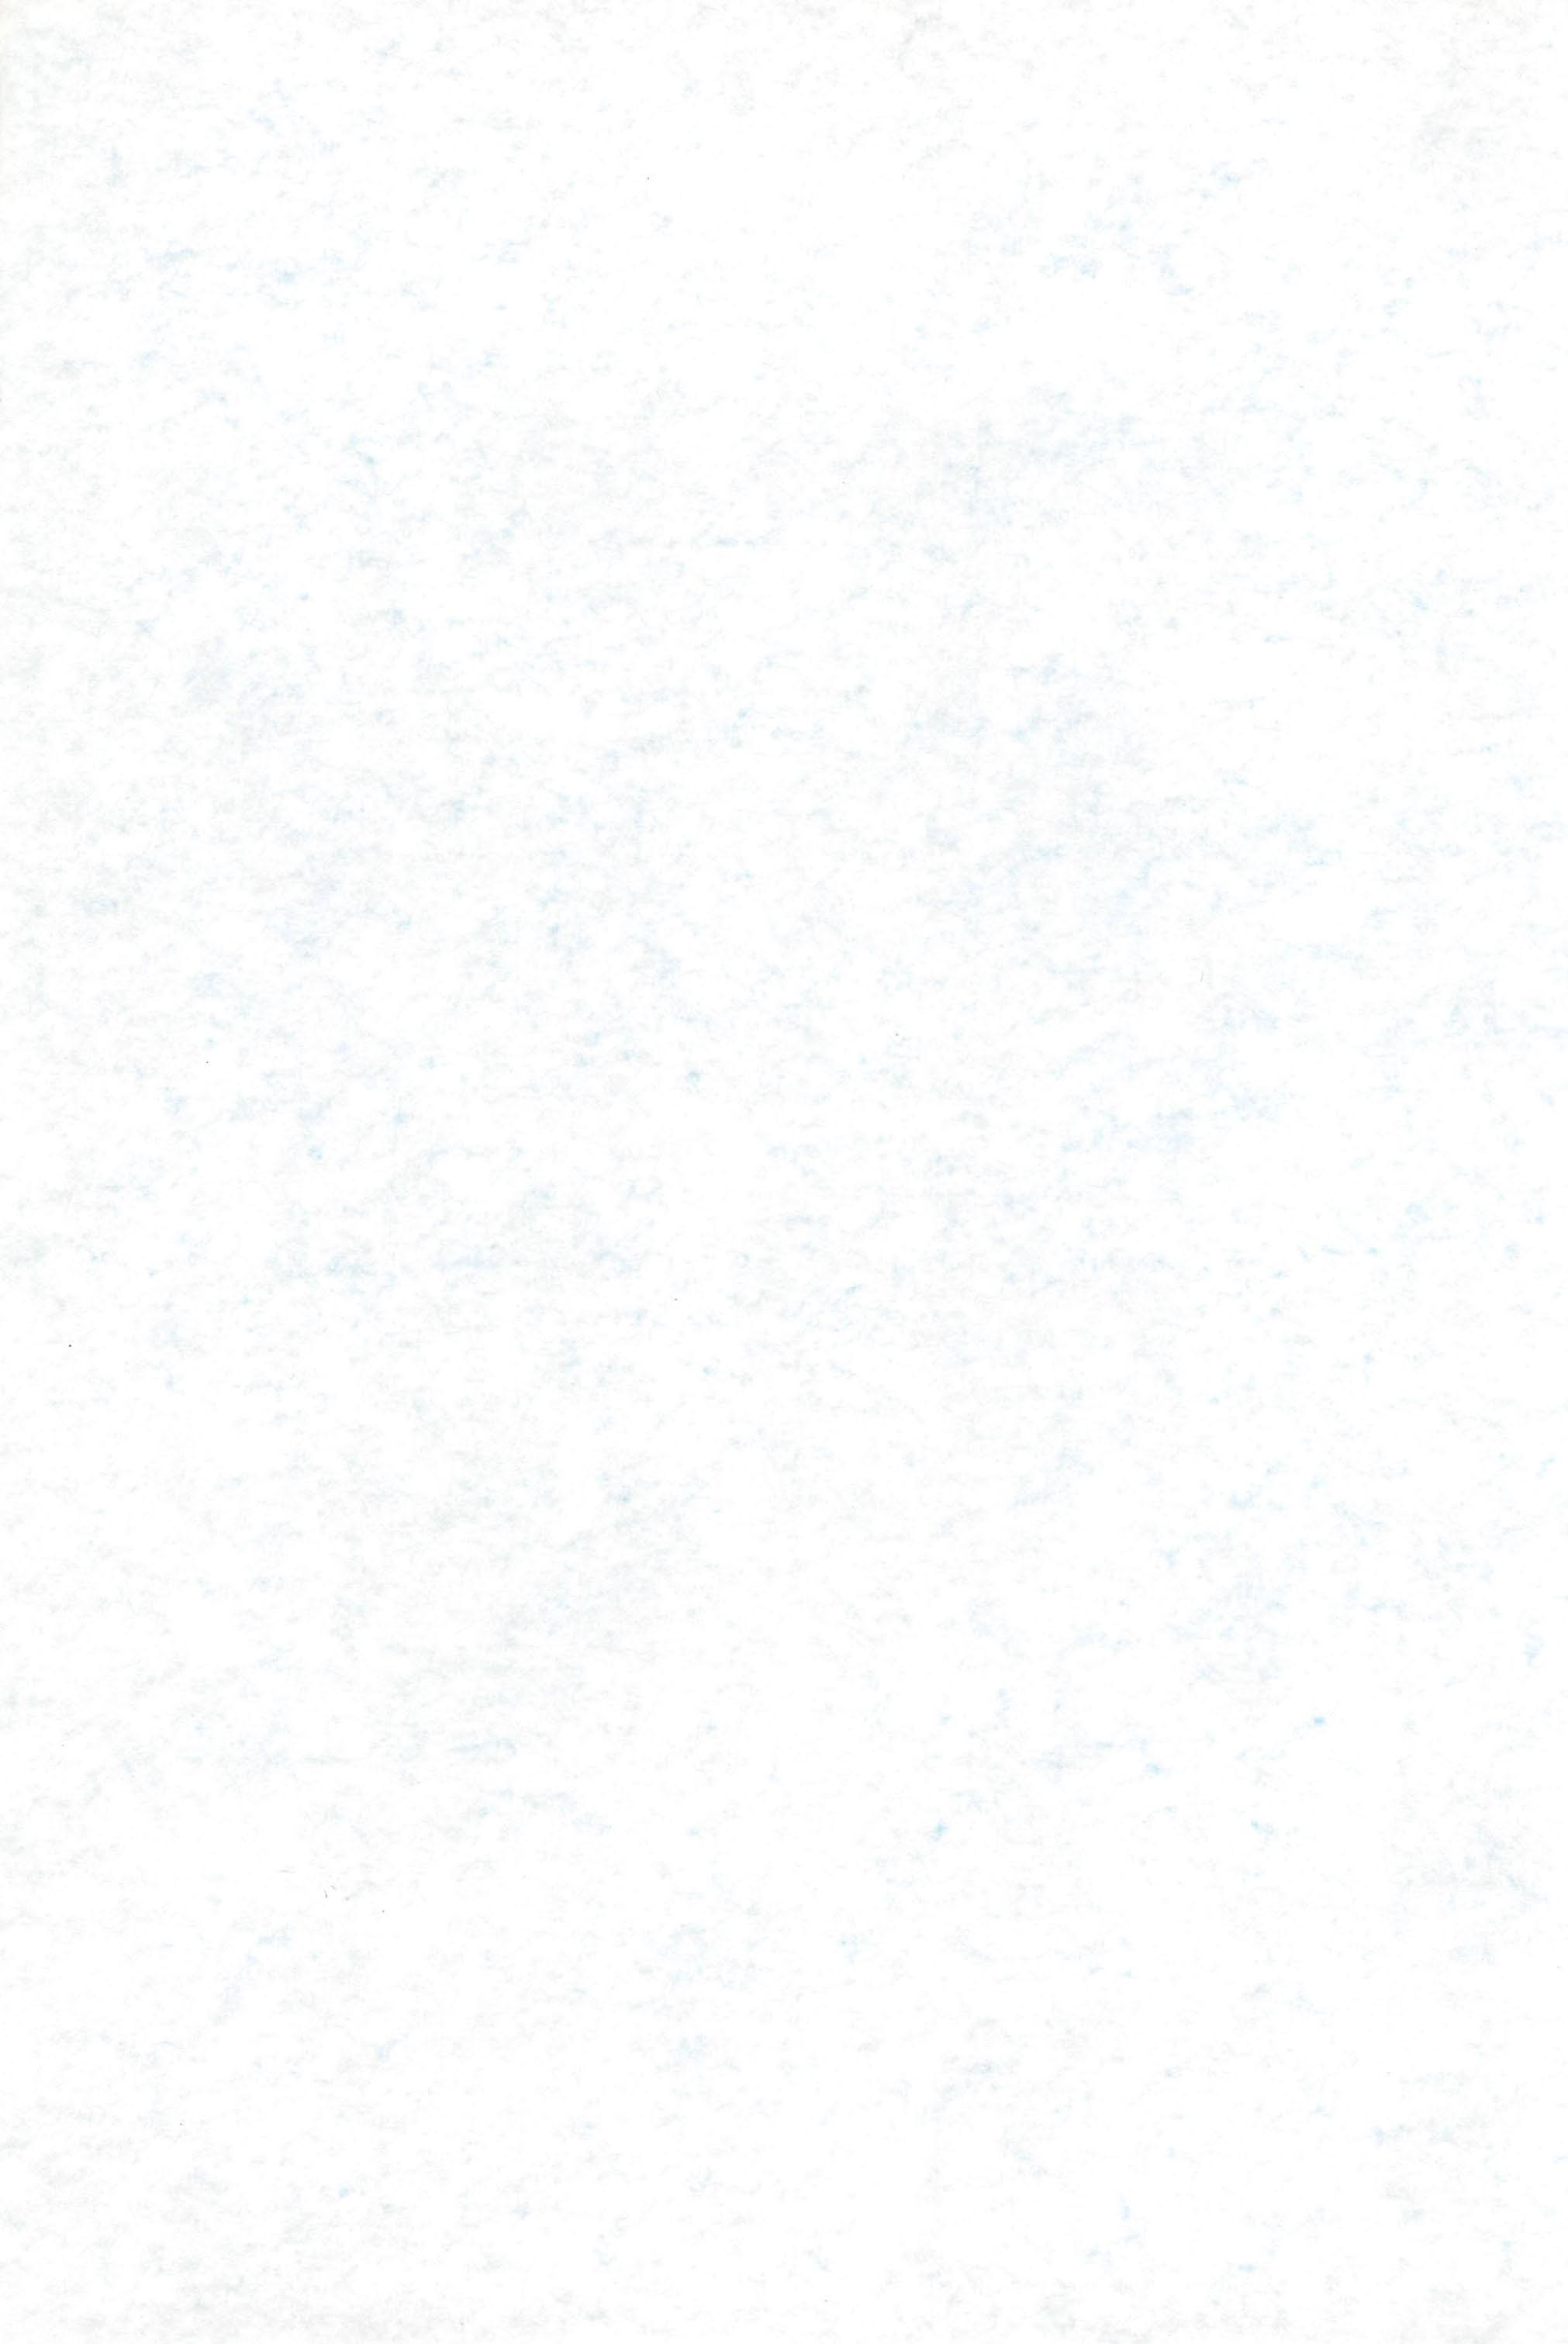 Zetsubou to Yokubou to Onnanoko to Onnanoko 2